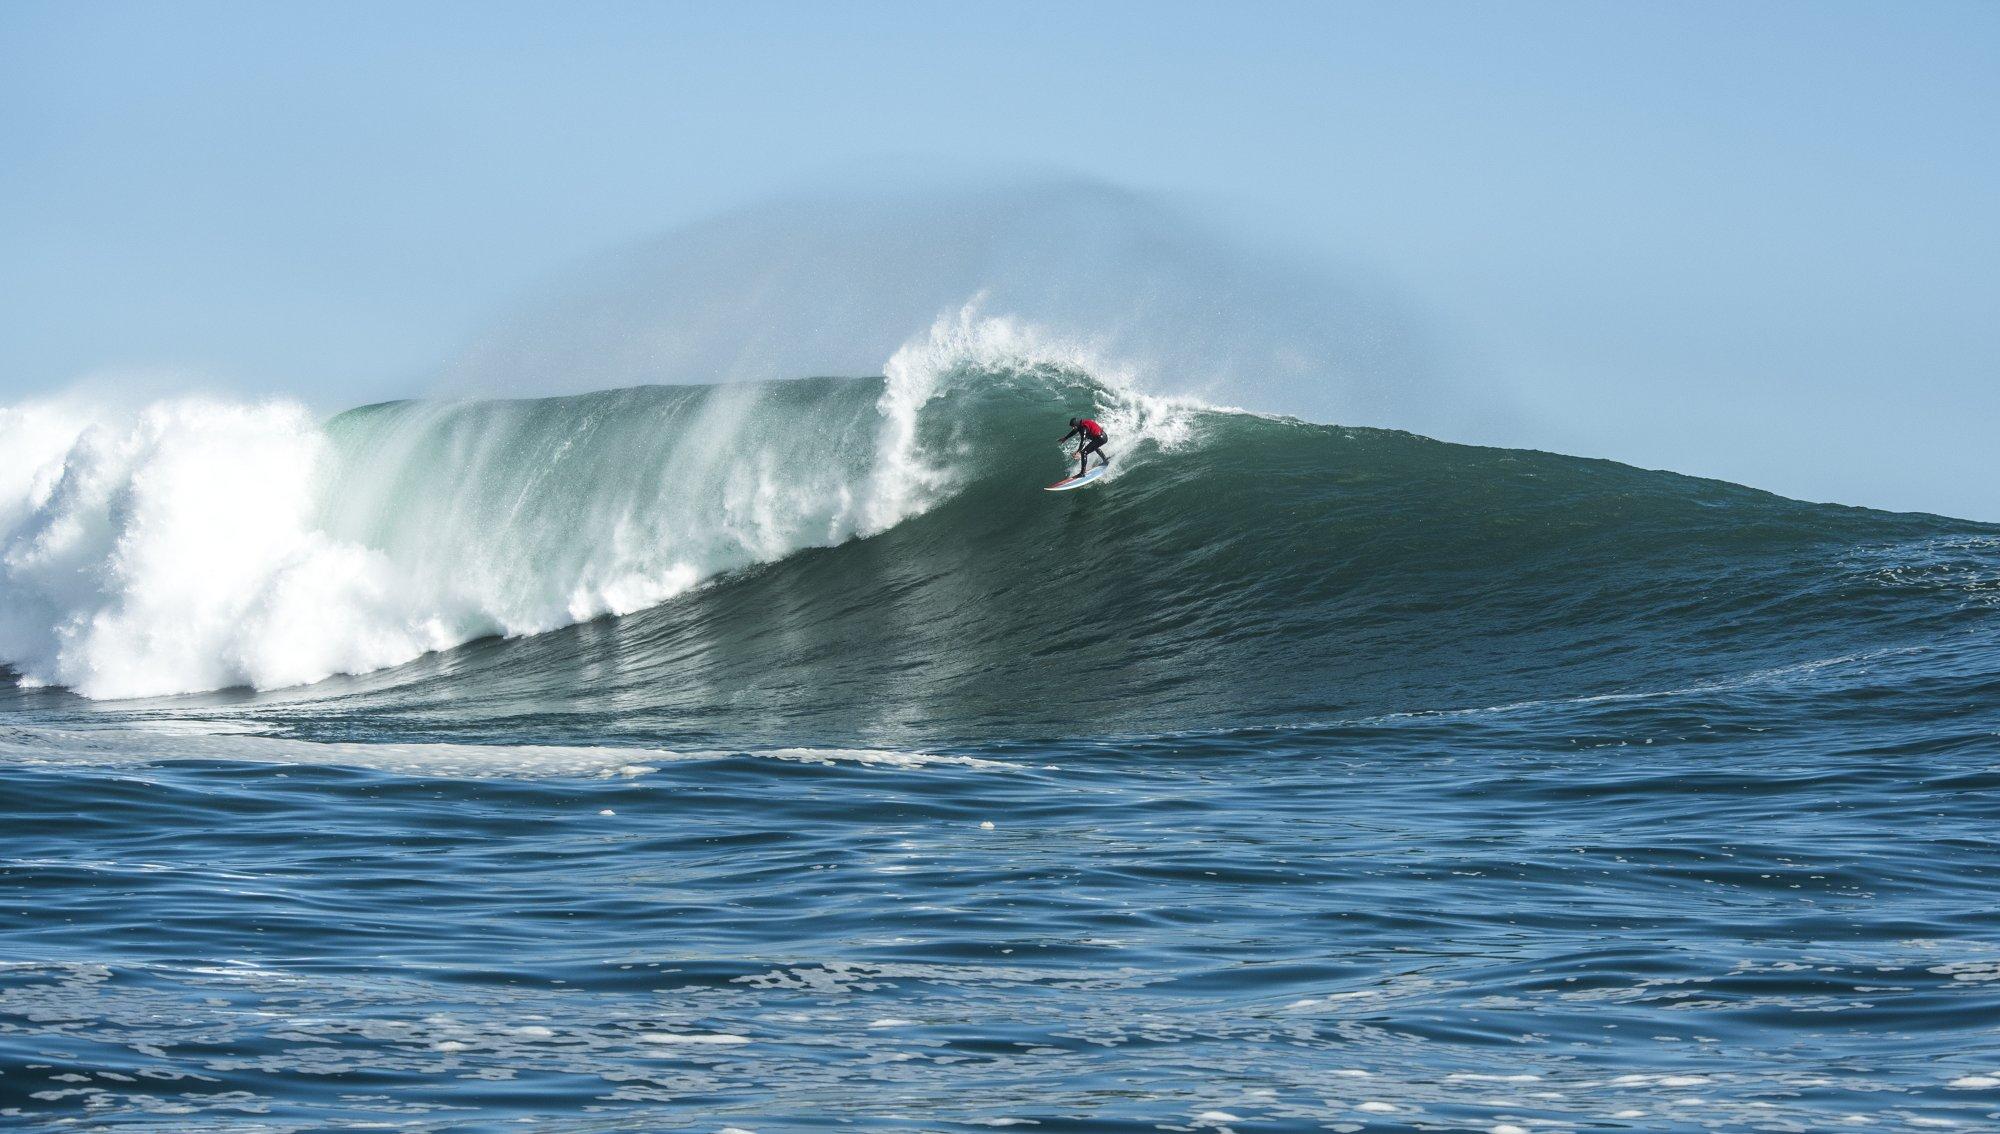 Seth Pieret hat sich von seinem Wipeout wieder vollständig erholt und surft nach wie vor am liebsten XXL-Wellen wie diese irgendwo in Südafrika. Credit: Sean Thompson